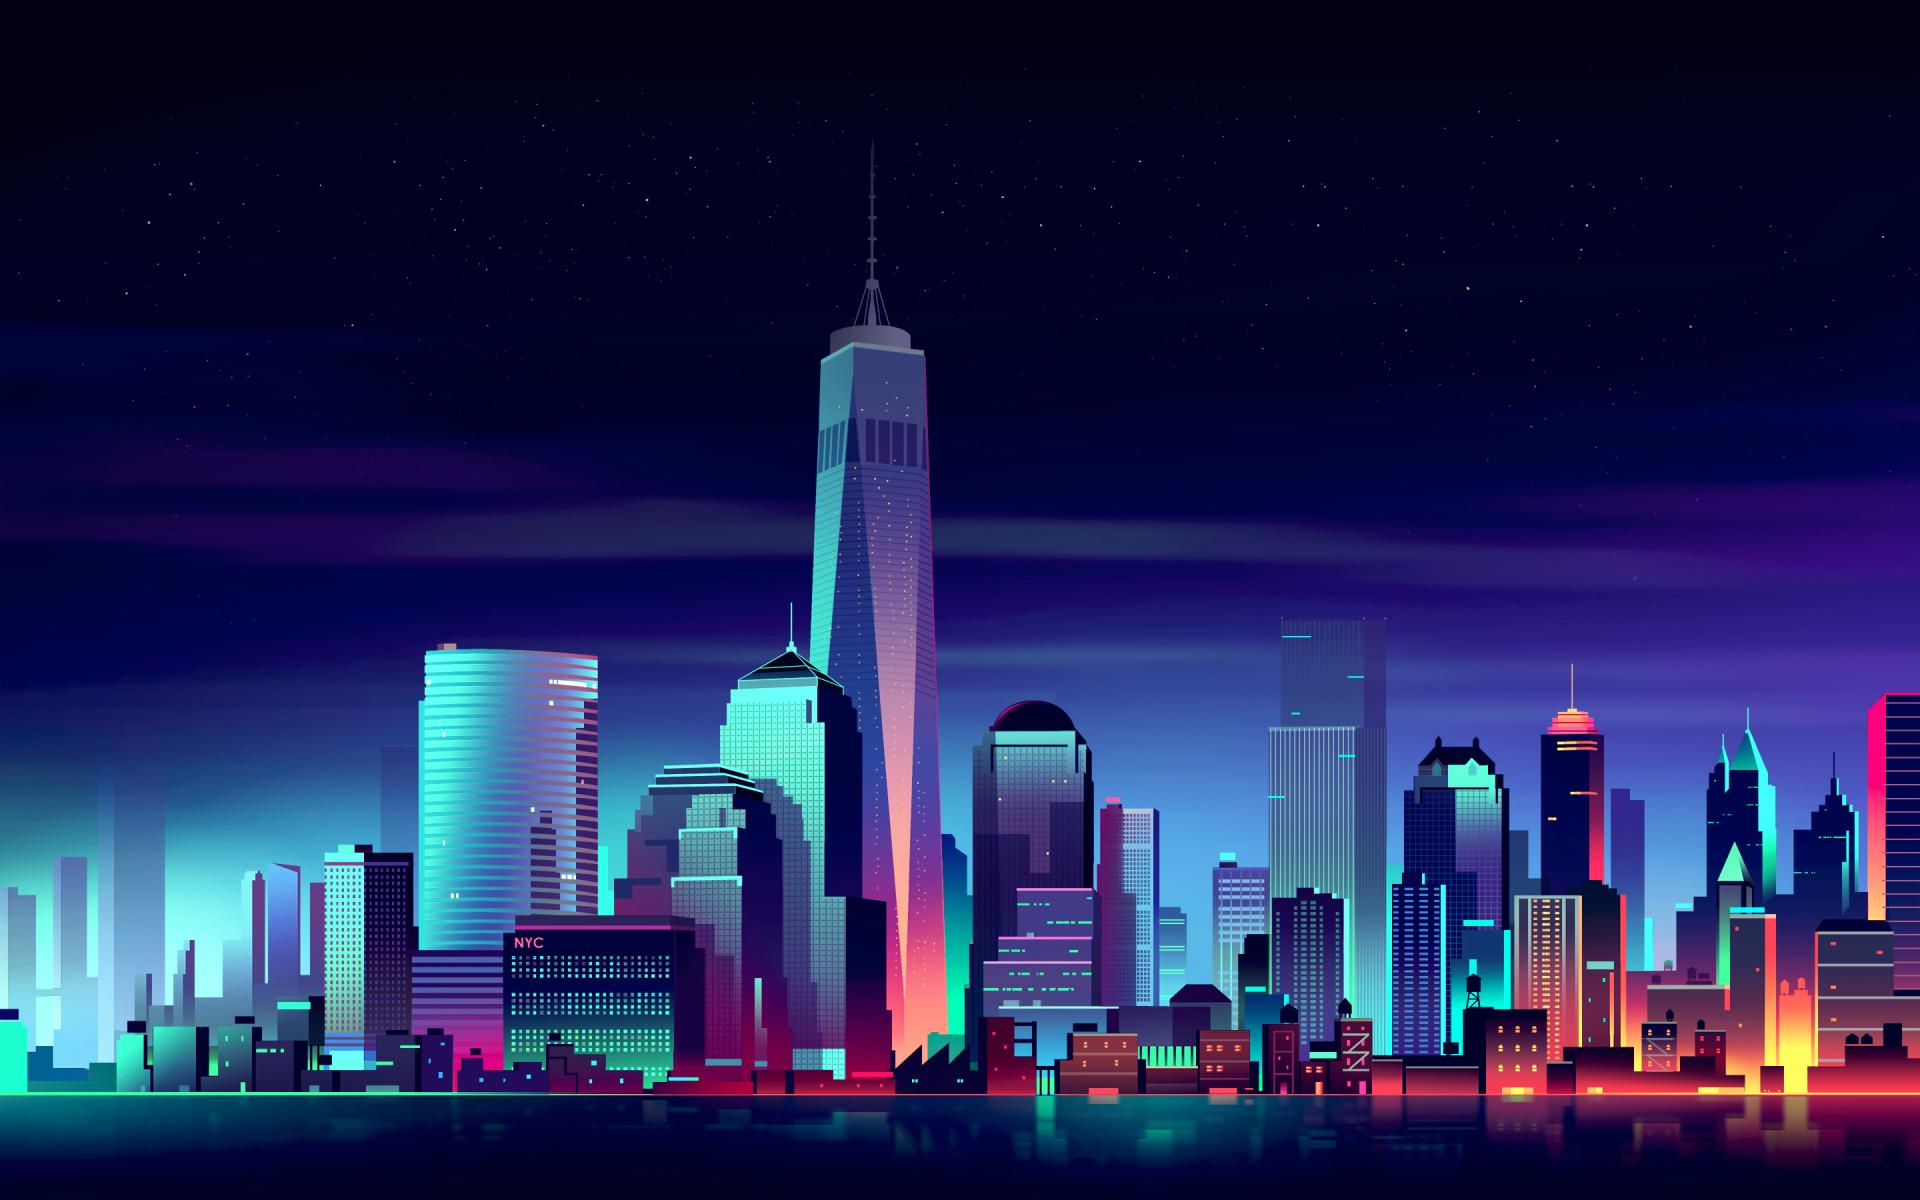 人造 - 纽约  摩天大楼 城市 Cityscape 艺术 壁纸